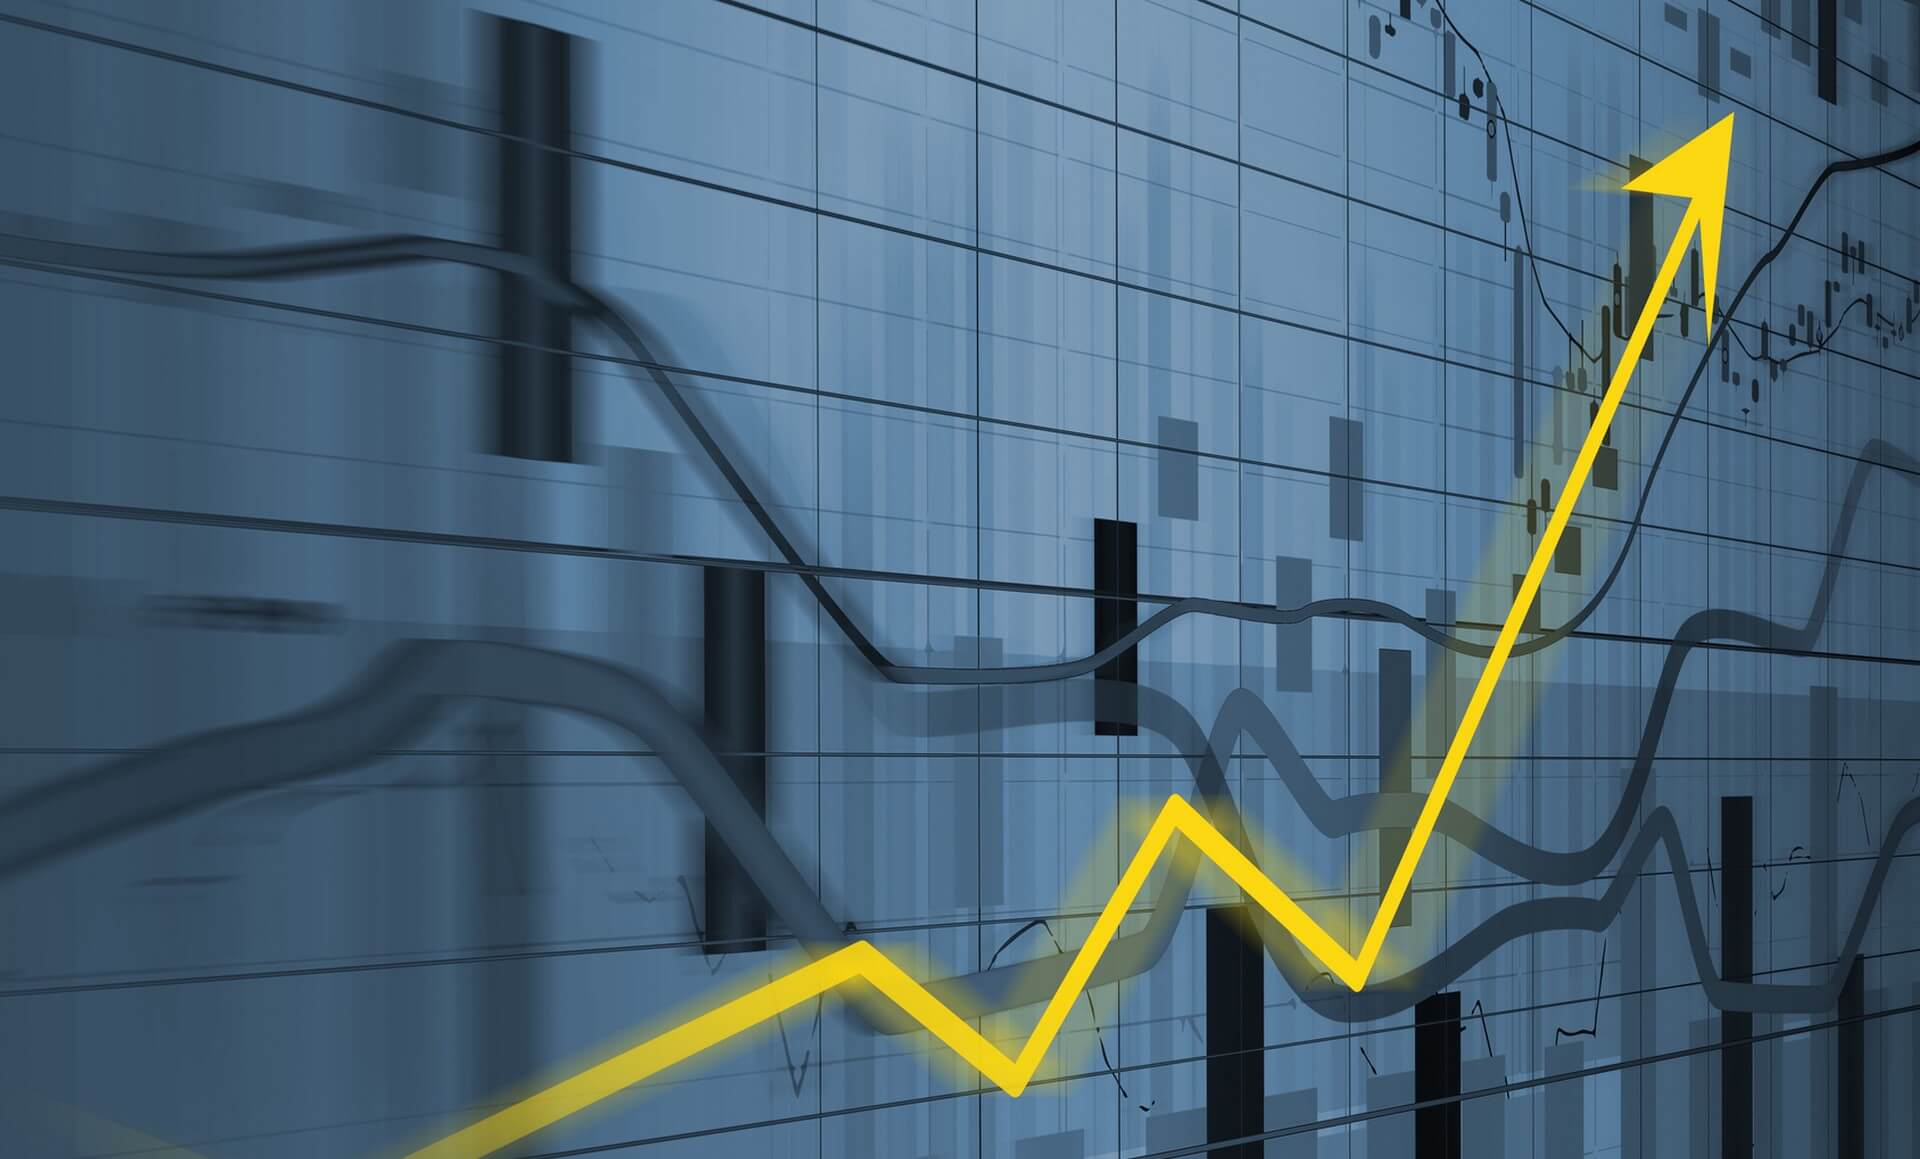 Monnaie finance - Economie